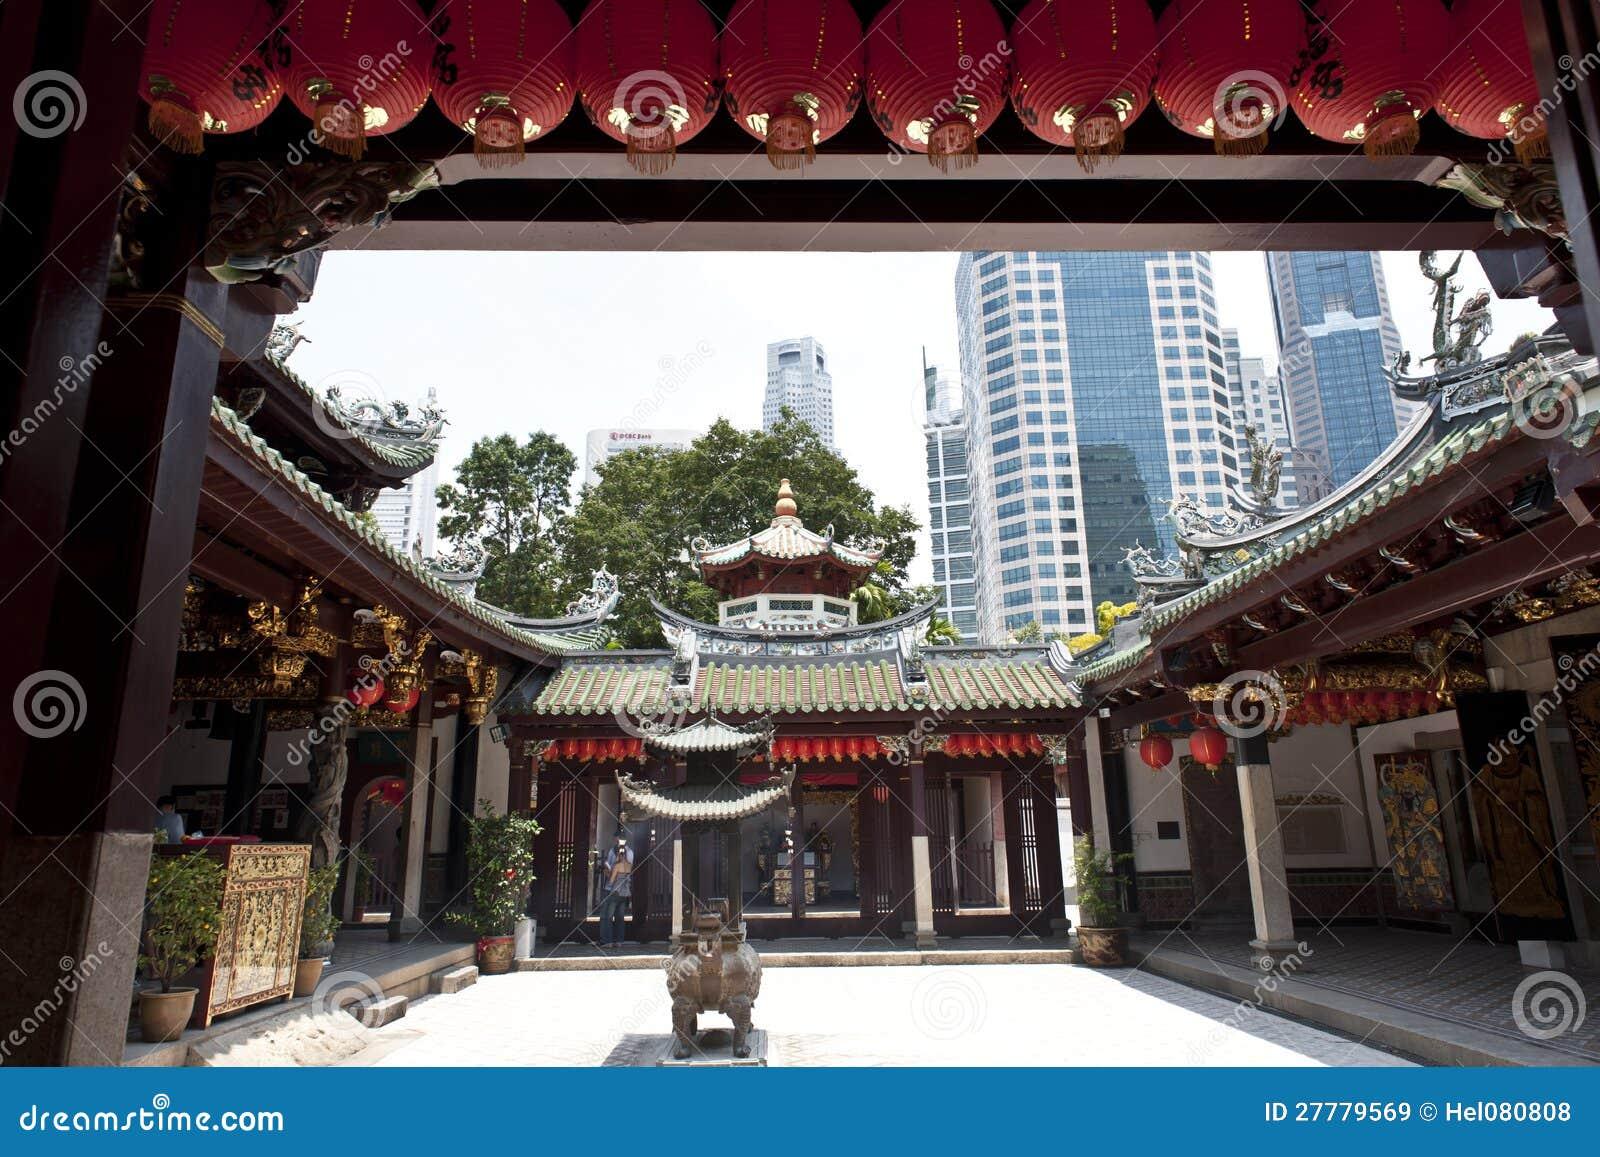 Κινεζικός ναός σε Σινγκαπούρη